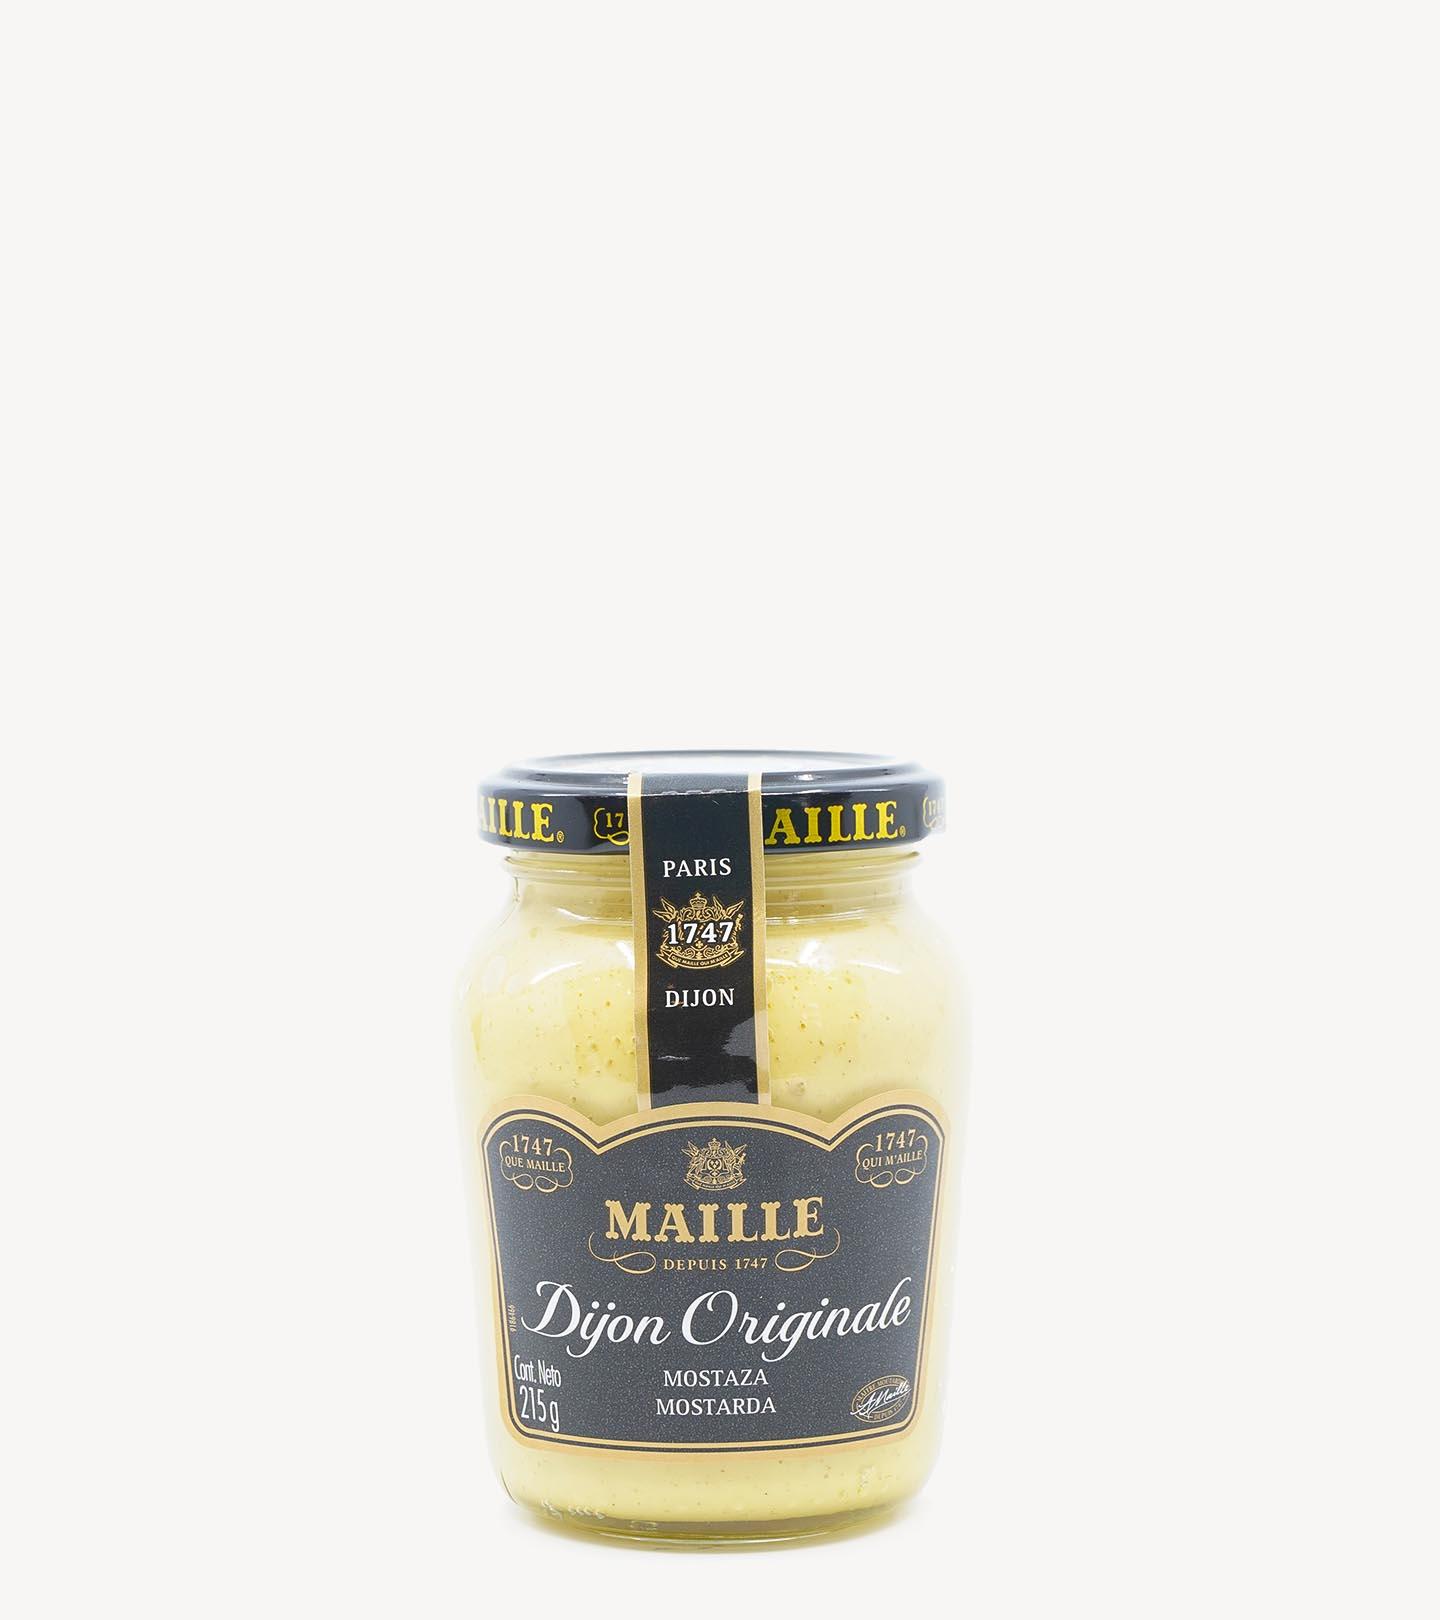 Mostarda Maille Dijon Original 215g